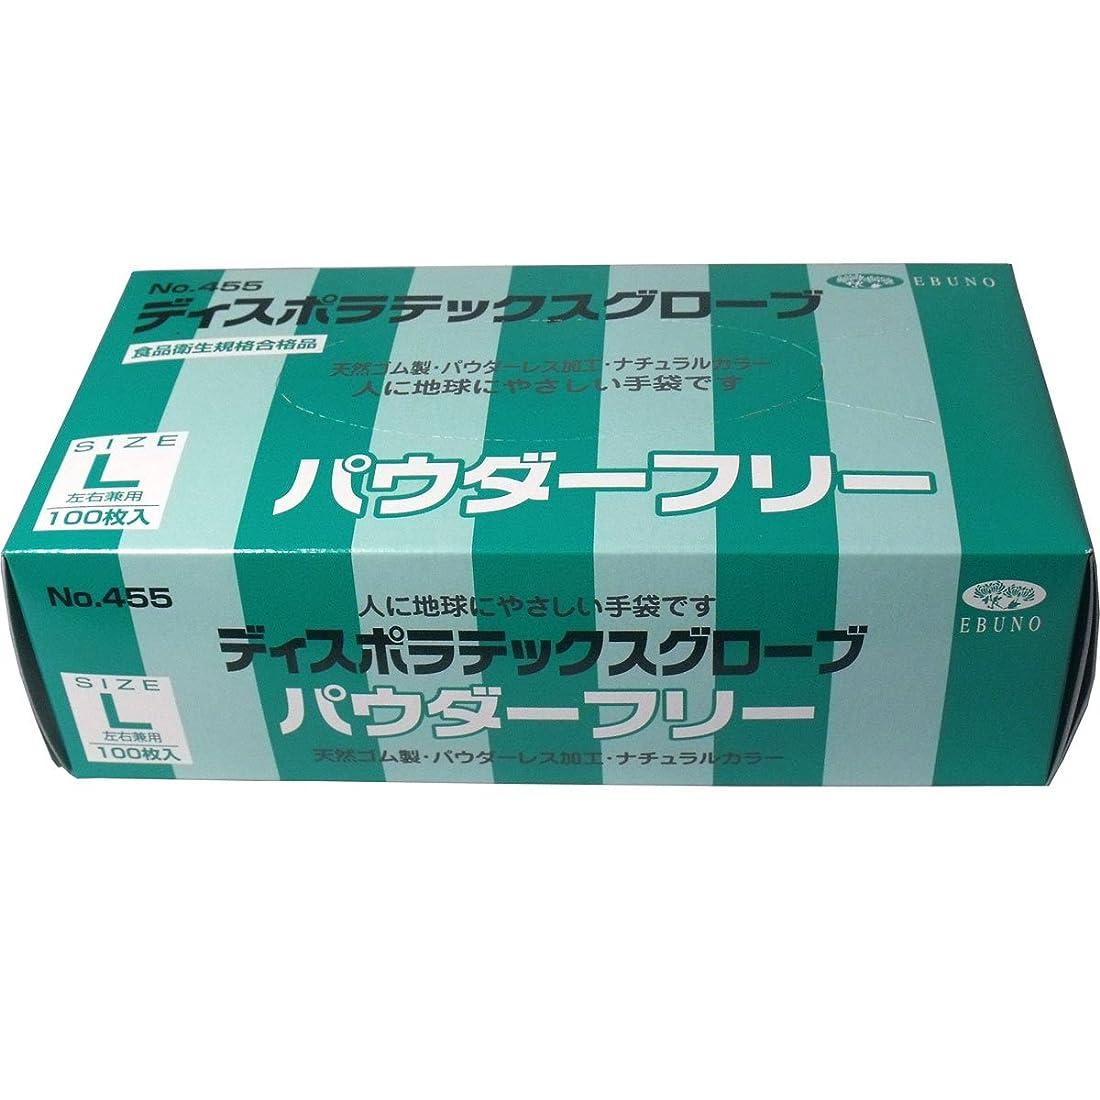 信仰ミニ許可するディスポ ラテックスグローブ(天然ゴム手袋) パウダーフリー Lサイズ 100枚入 ×3個セット